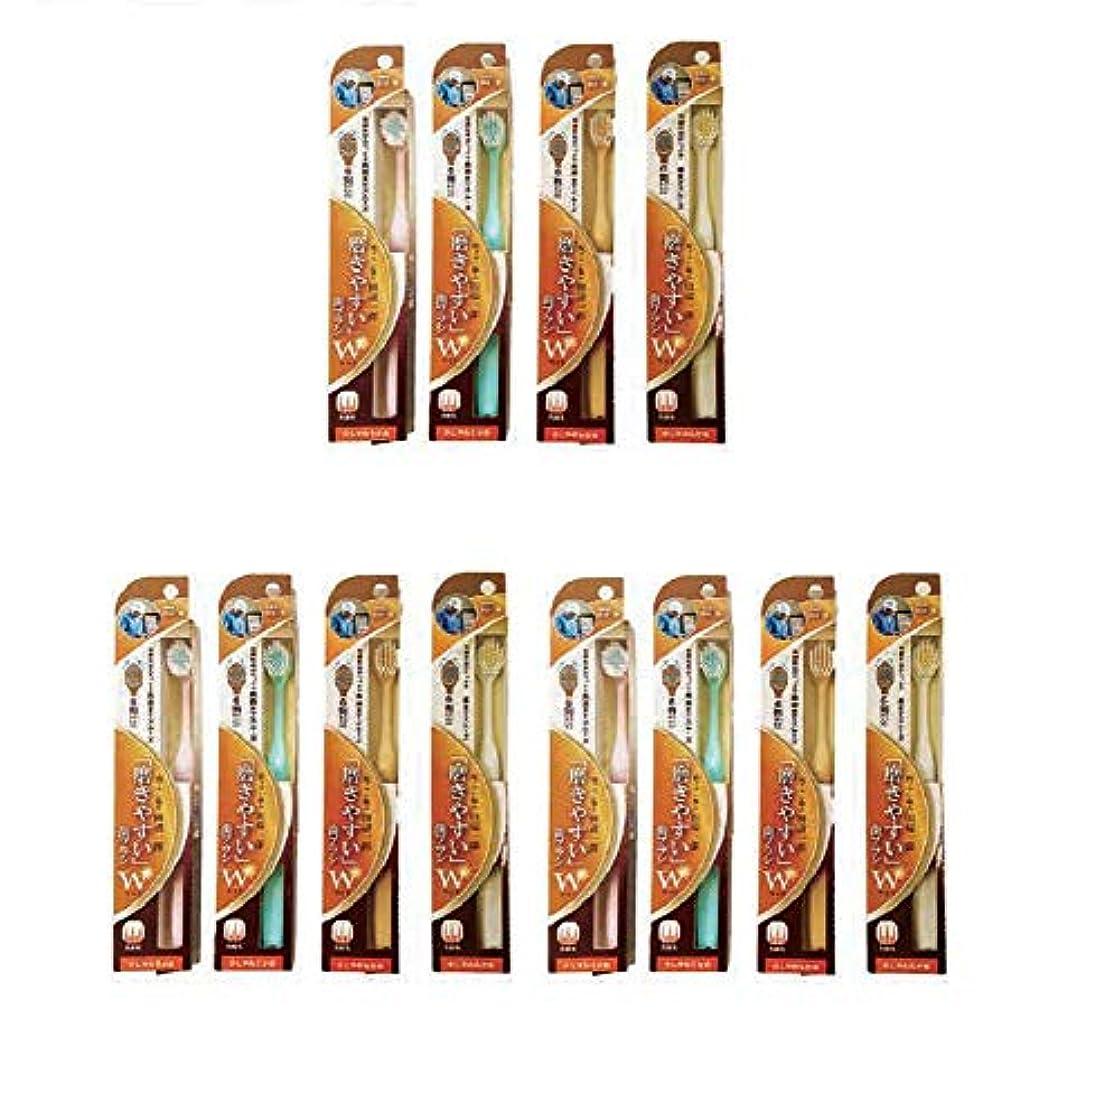 レース比喩真実にライフレンジ 磨きやすい歯ブラシ 6列ワイドタイプ(少しやわらかめ) LT-46×12本セット